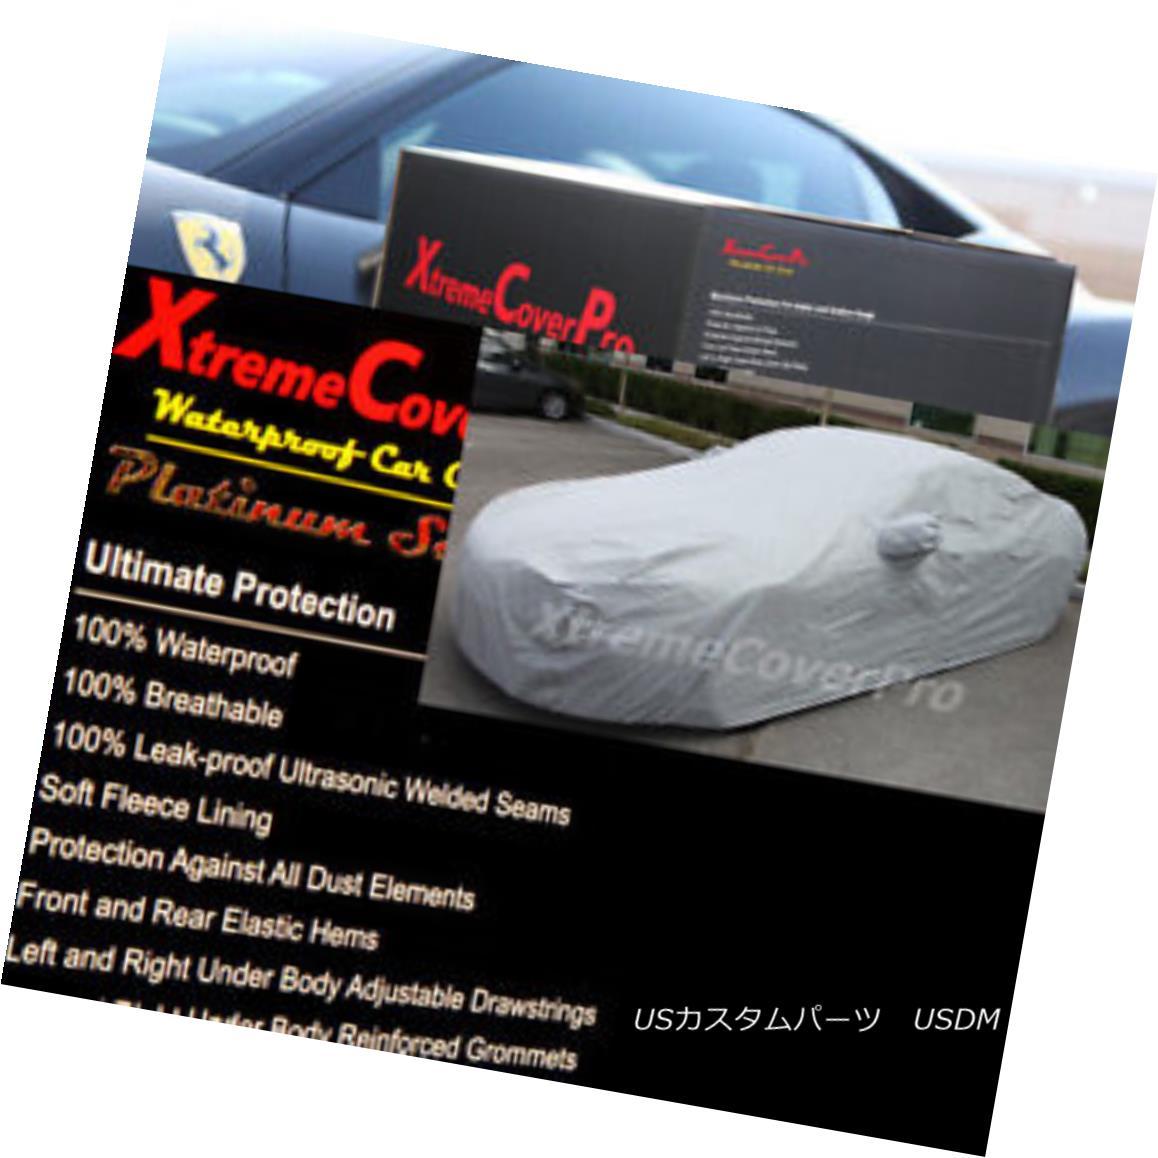 カーカバー 2015 CHEVROLET SS SEDAN Waterproof Car Cover w/Mirror Pockets - Gray 2015 CHEVROLET SS SEDANミラーポケット付き防水カーカバー - グレー